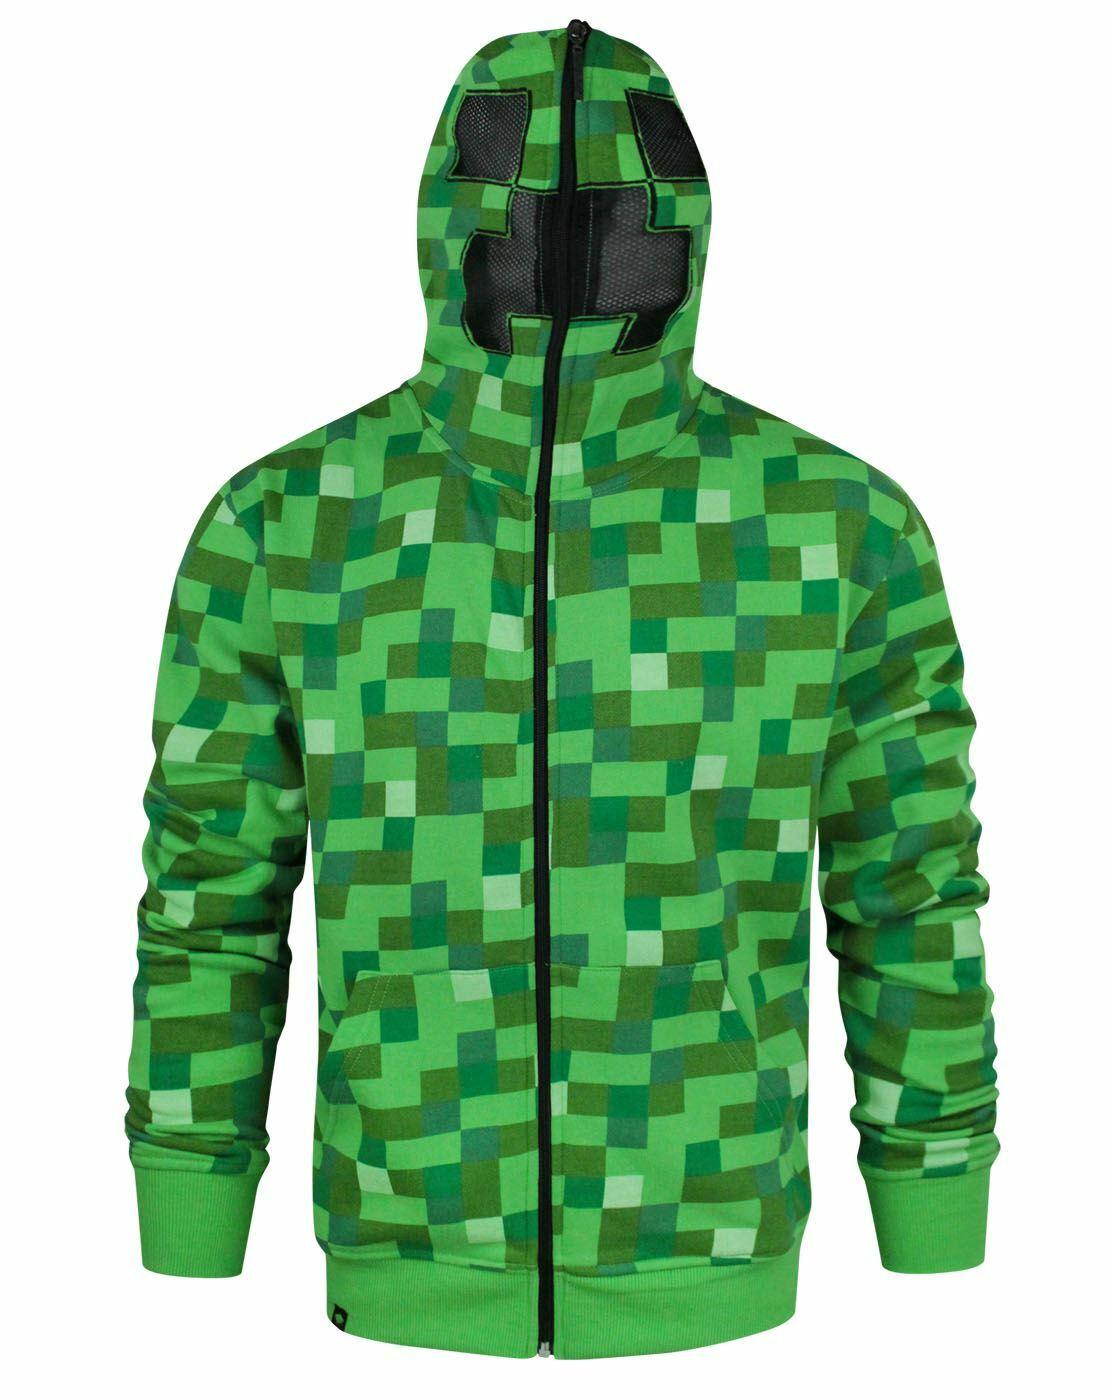 Mens Hoodie Sweatshirt Crainer-Game Sweater Black